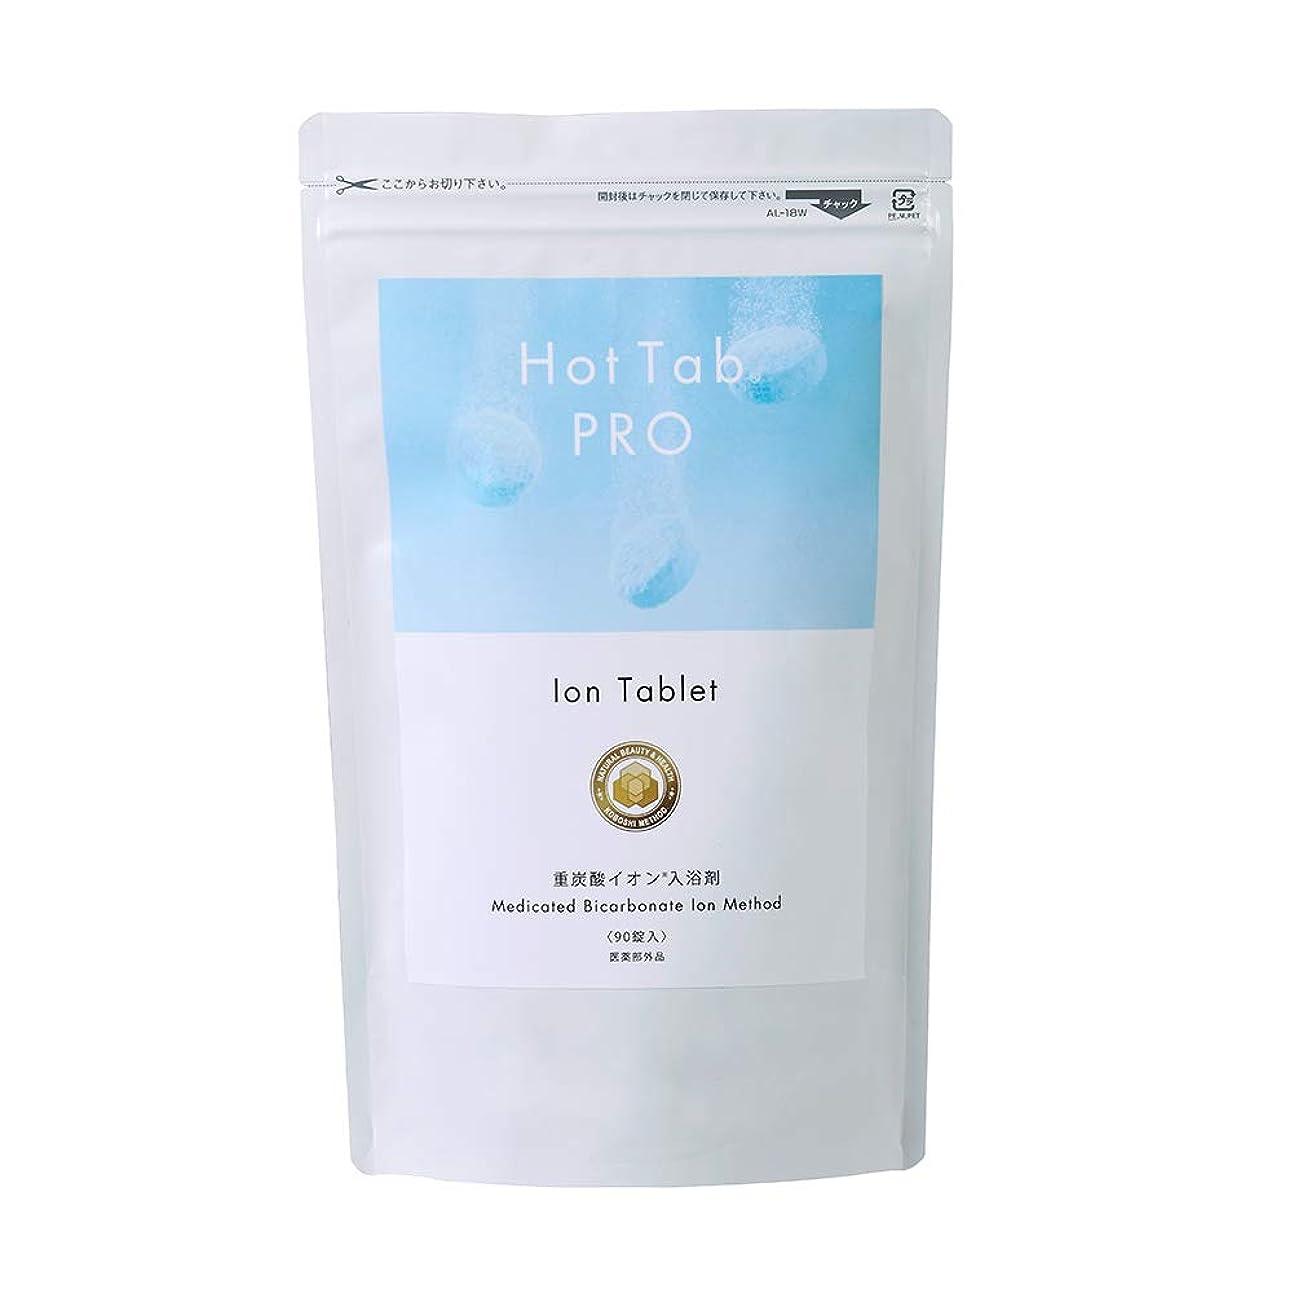 騒雑品天才最新型 日本製なめらか重炭酸入浴剤「ホットタブPro」(デリケートな肌でも安心 無香料 無着色 中性pH) (お得な90錠セット)